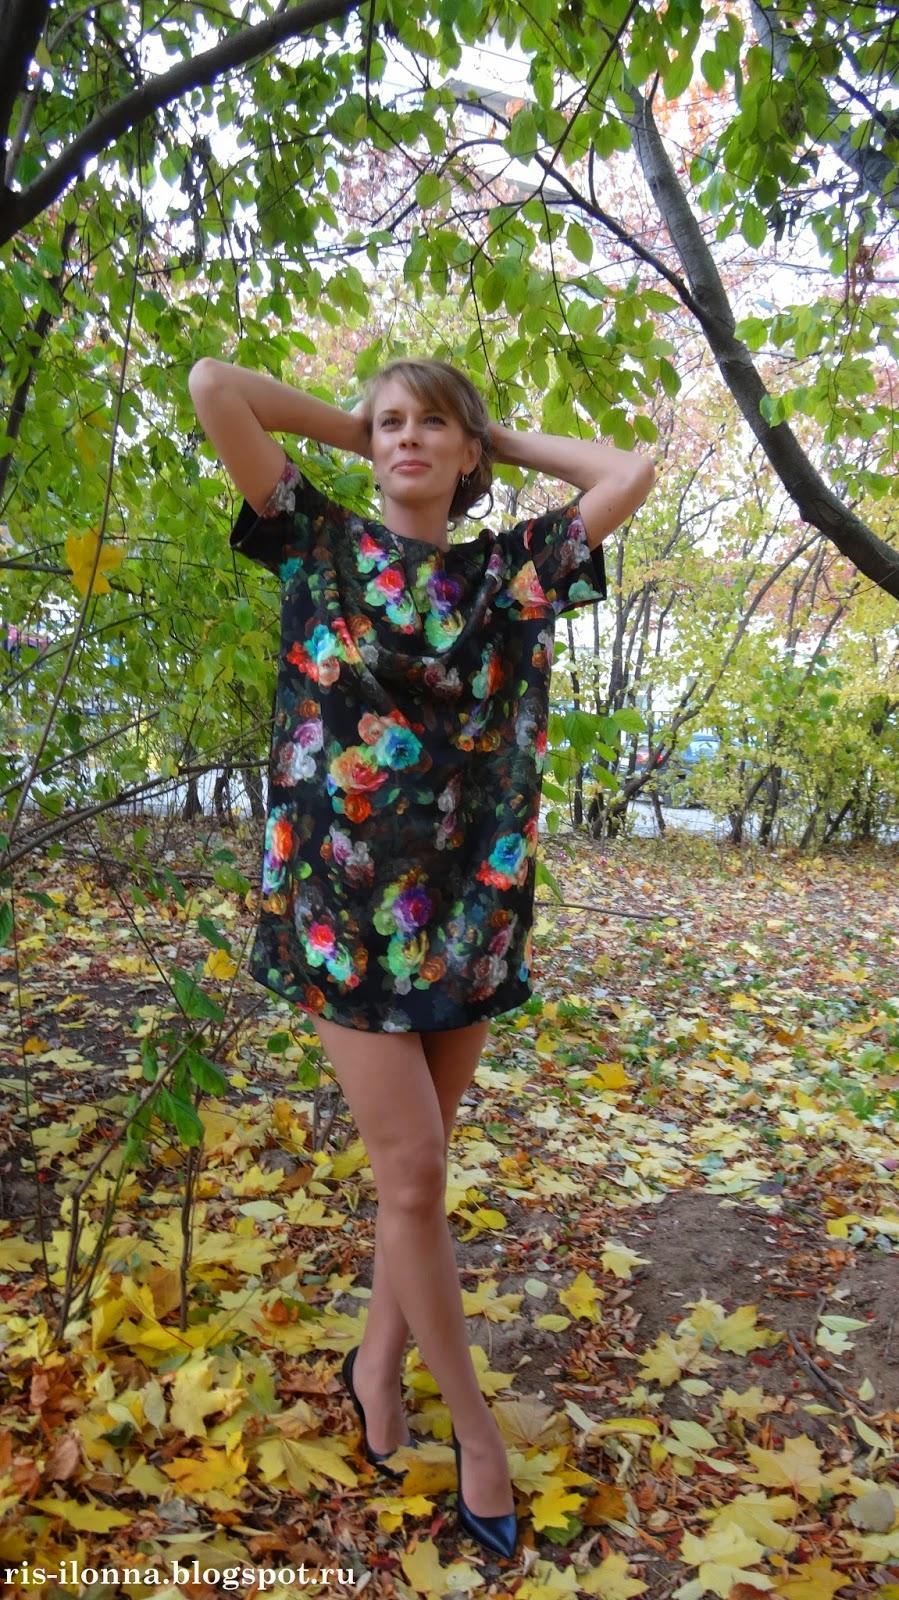 Не могу поднять руки вверх в платье